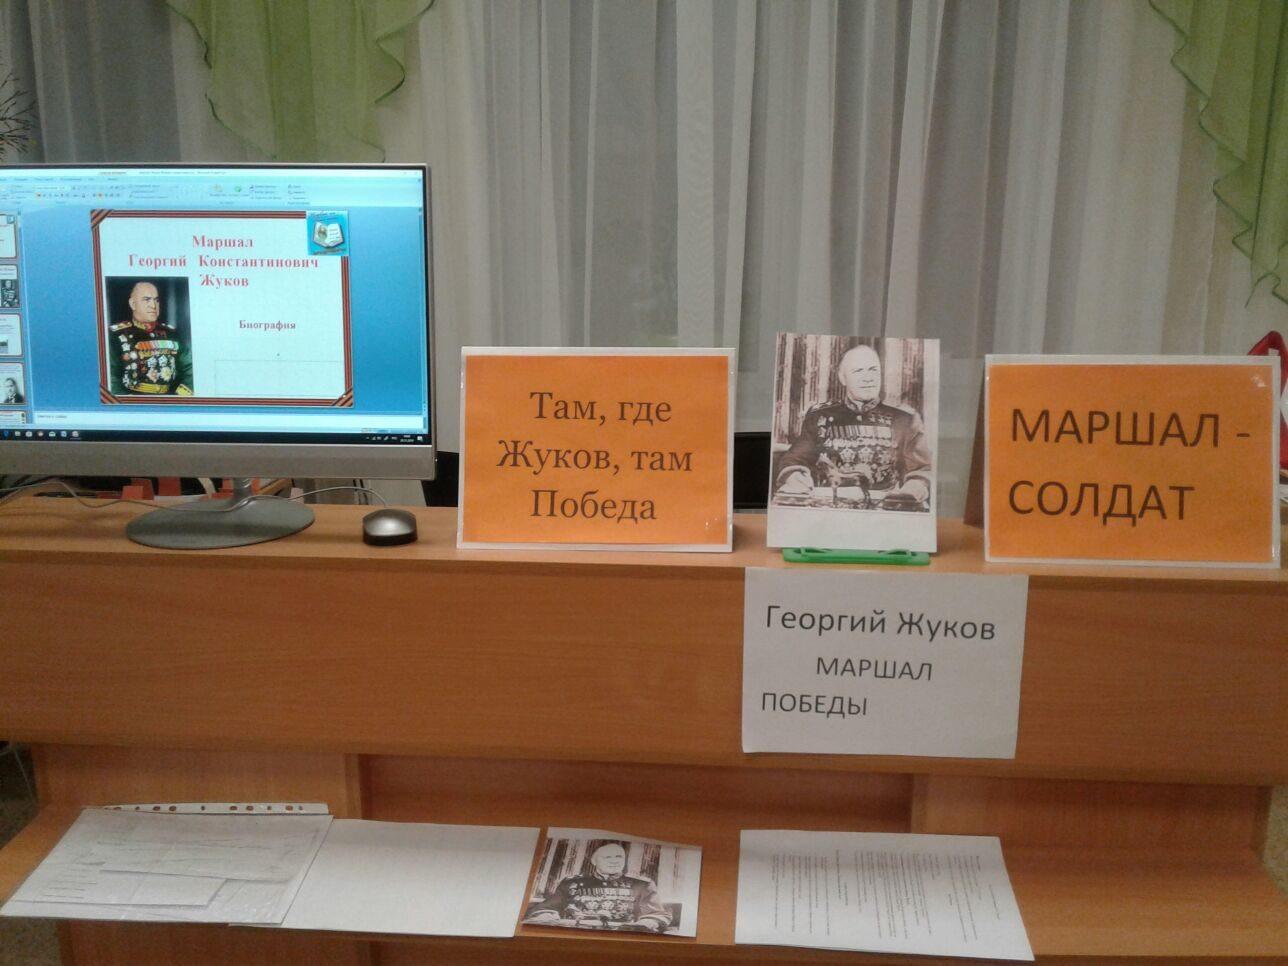 выставка Маршал- солдат (1).jpg